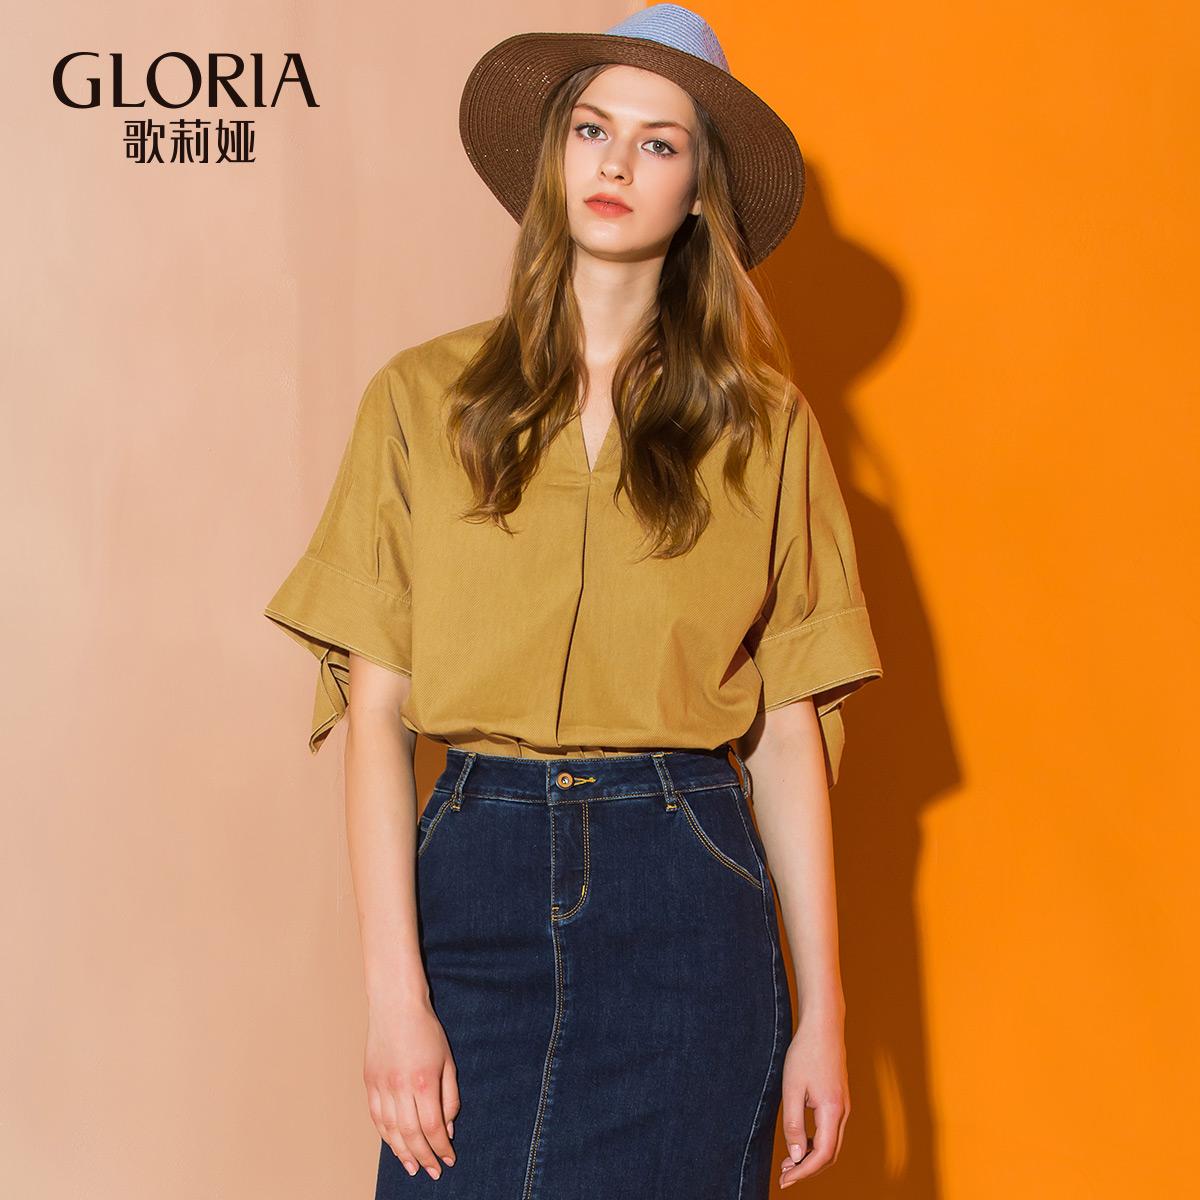 歌莉娅女装 GLORIA歌莉娅2017年夏新倒T型立体袖小衬衫173C3B020_推荐淘宝好看的歌莉娅